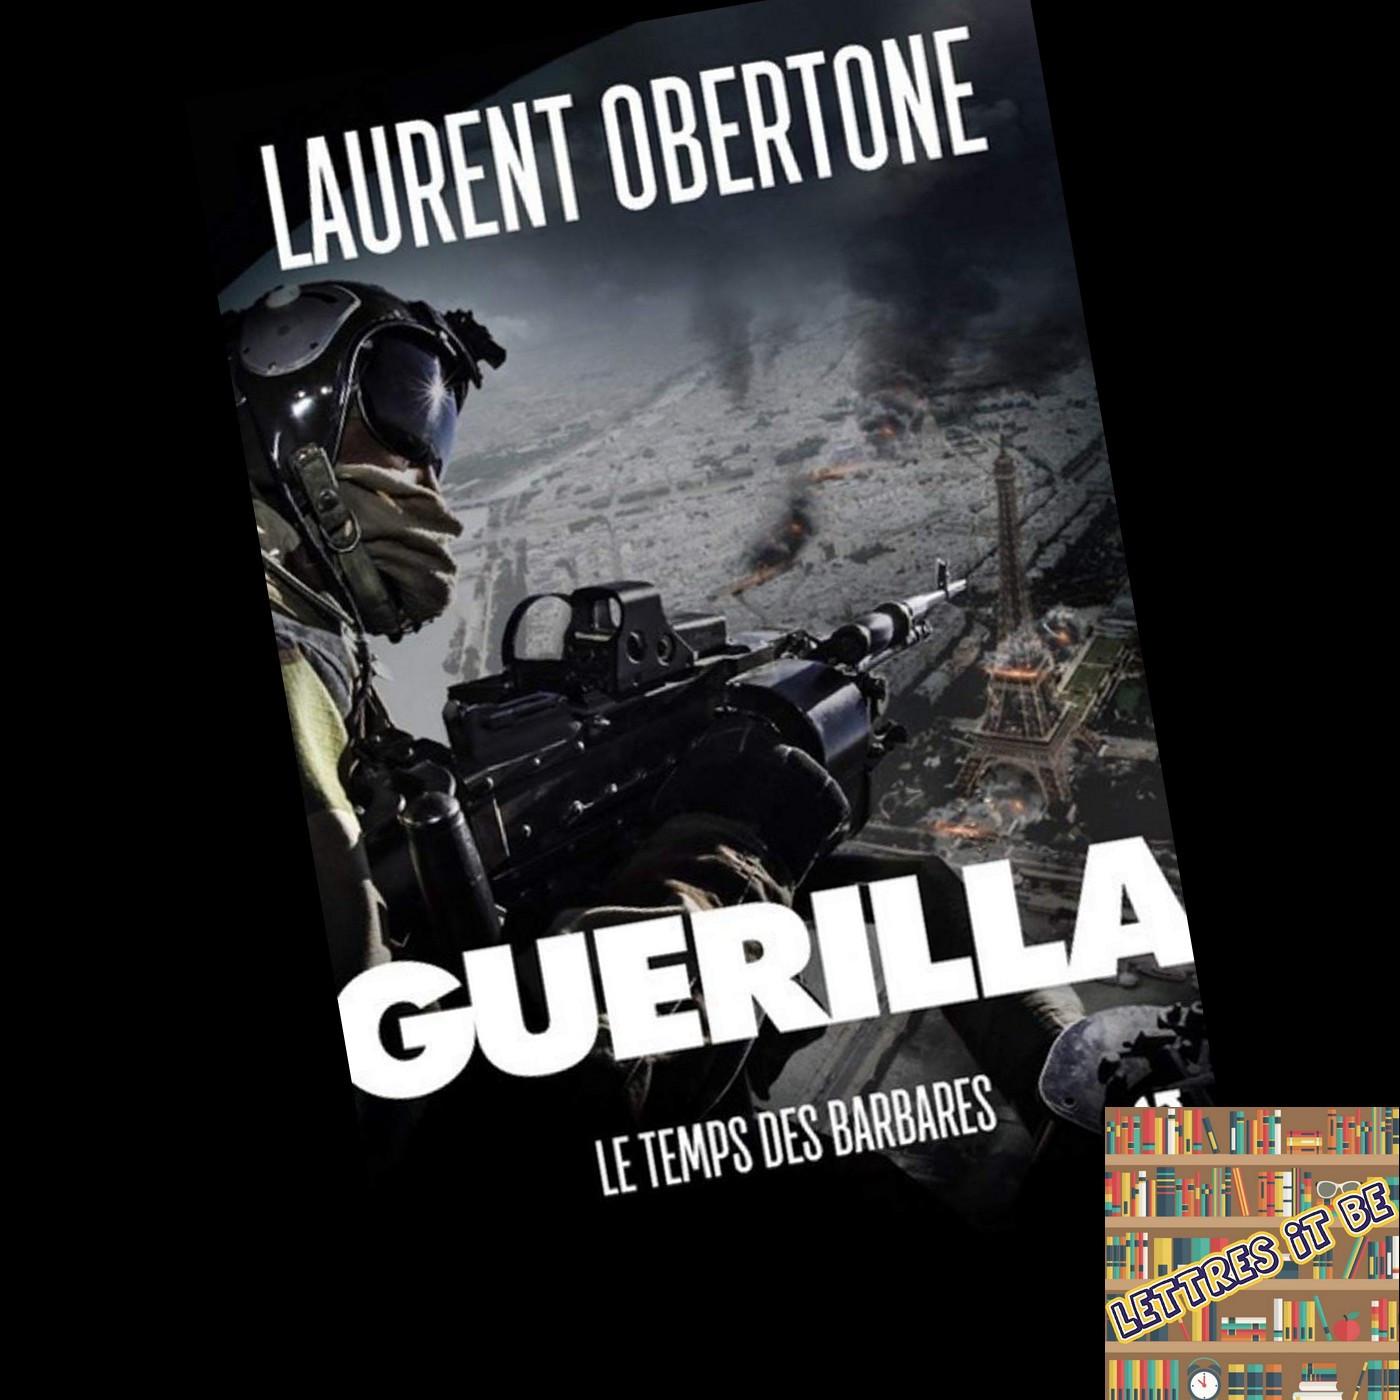 Critique de Guérilla : Le temps des barbares de Laurent Obertone (Livre)